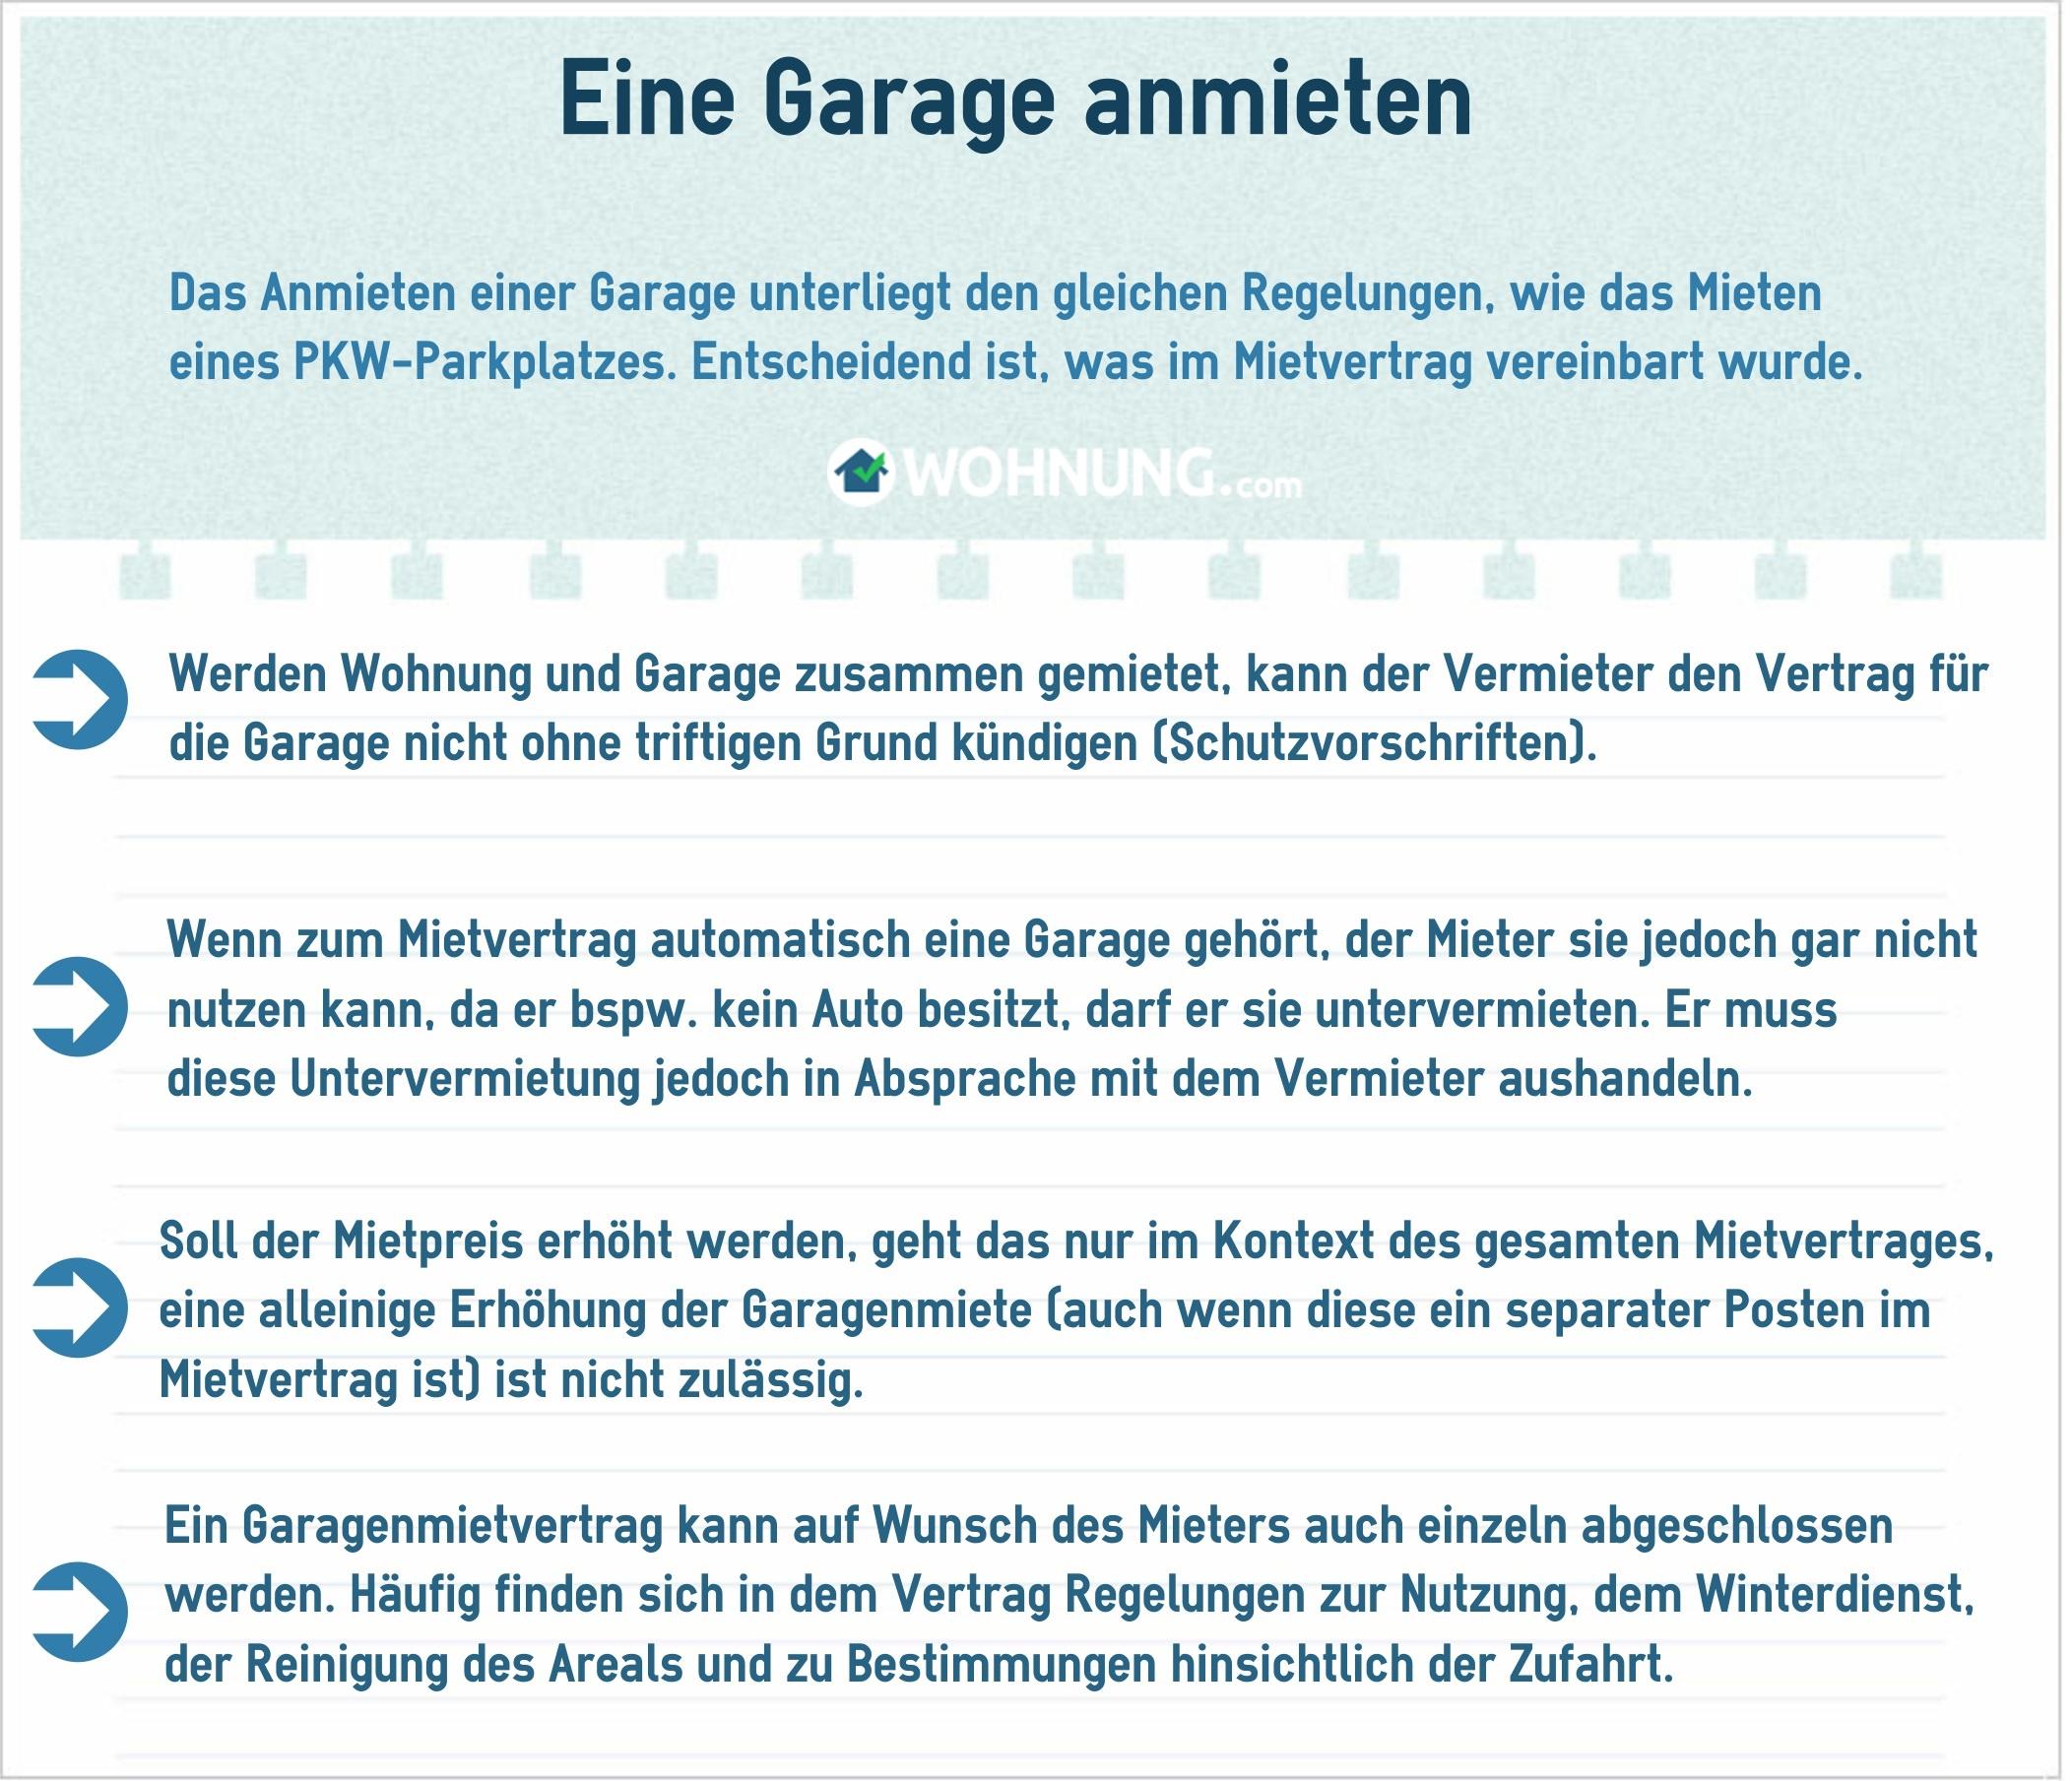 Garagen & Parkpltze: Rechtliche Grundlage fr Mieter und